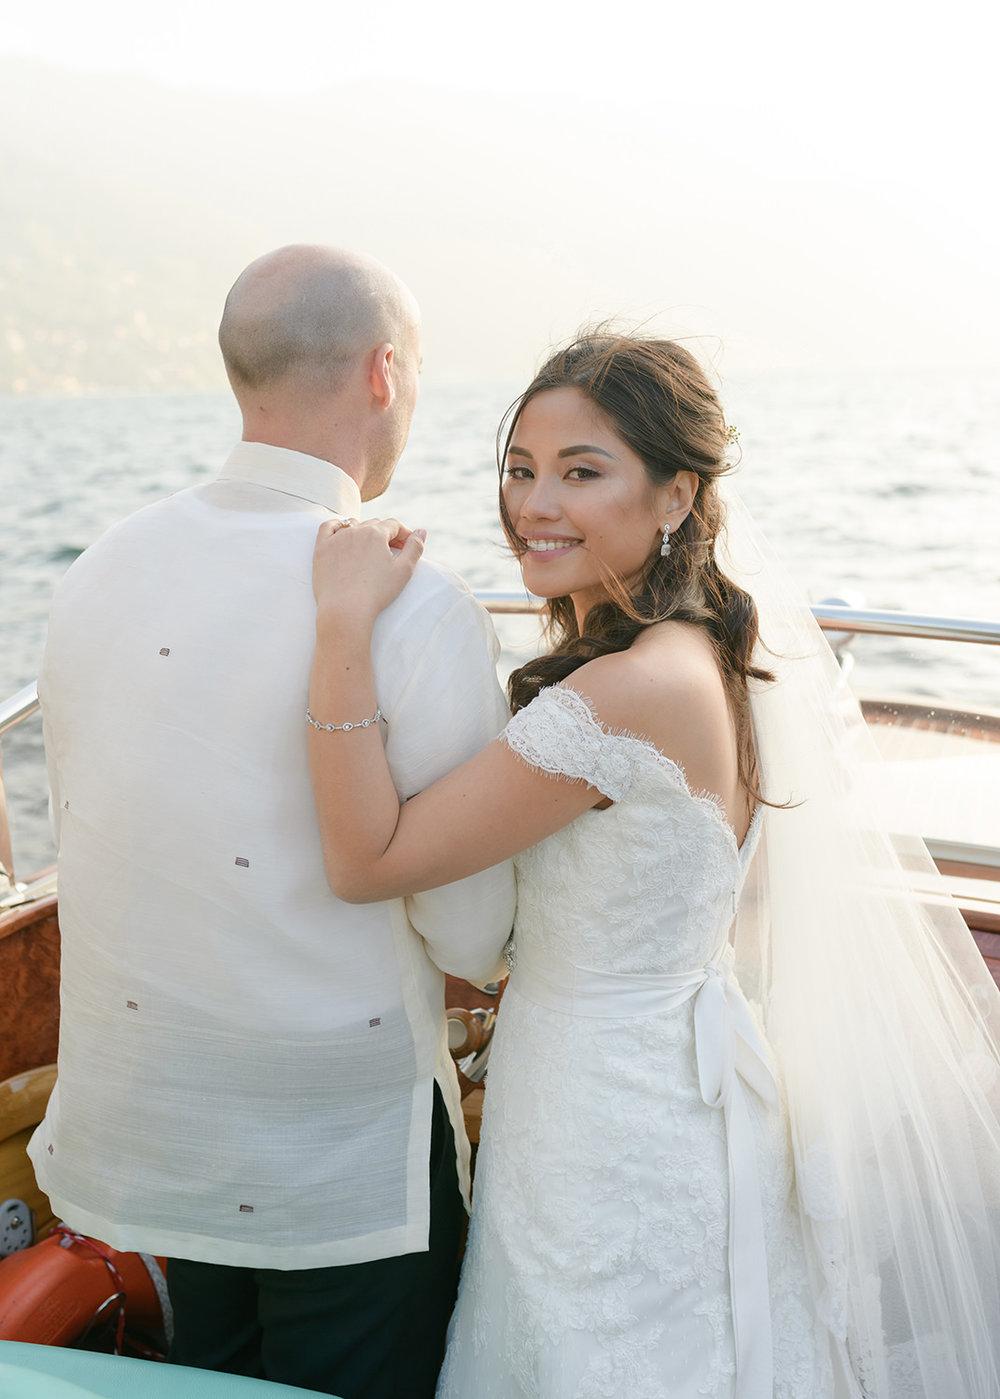 villa-regina-teodolinda-wedding-photographer-C&B-©bottega53-69.JPG